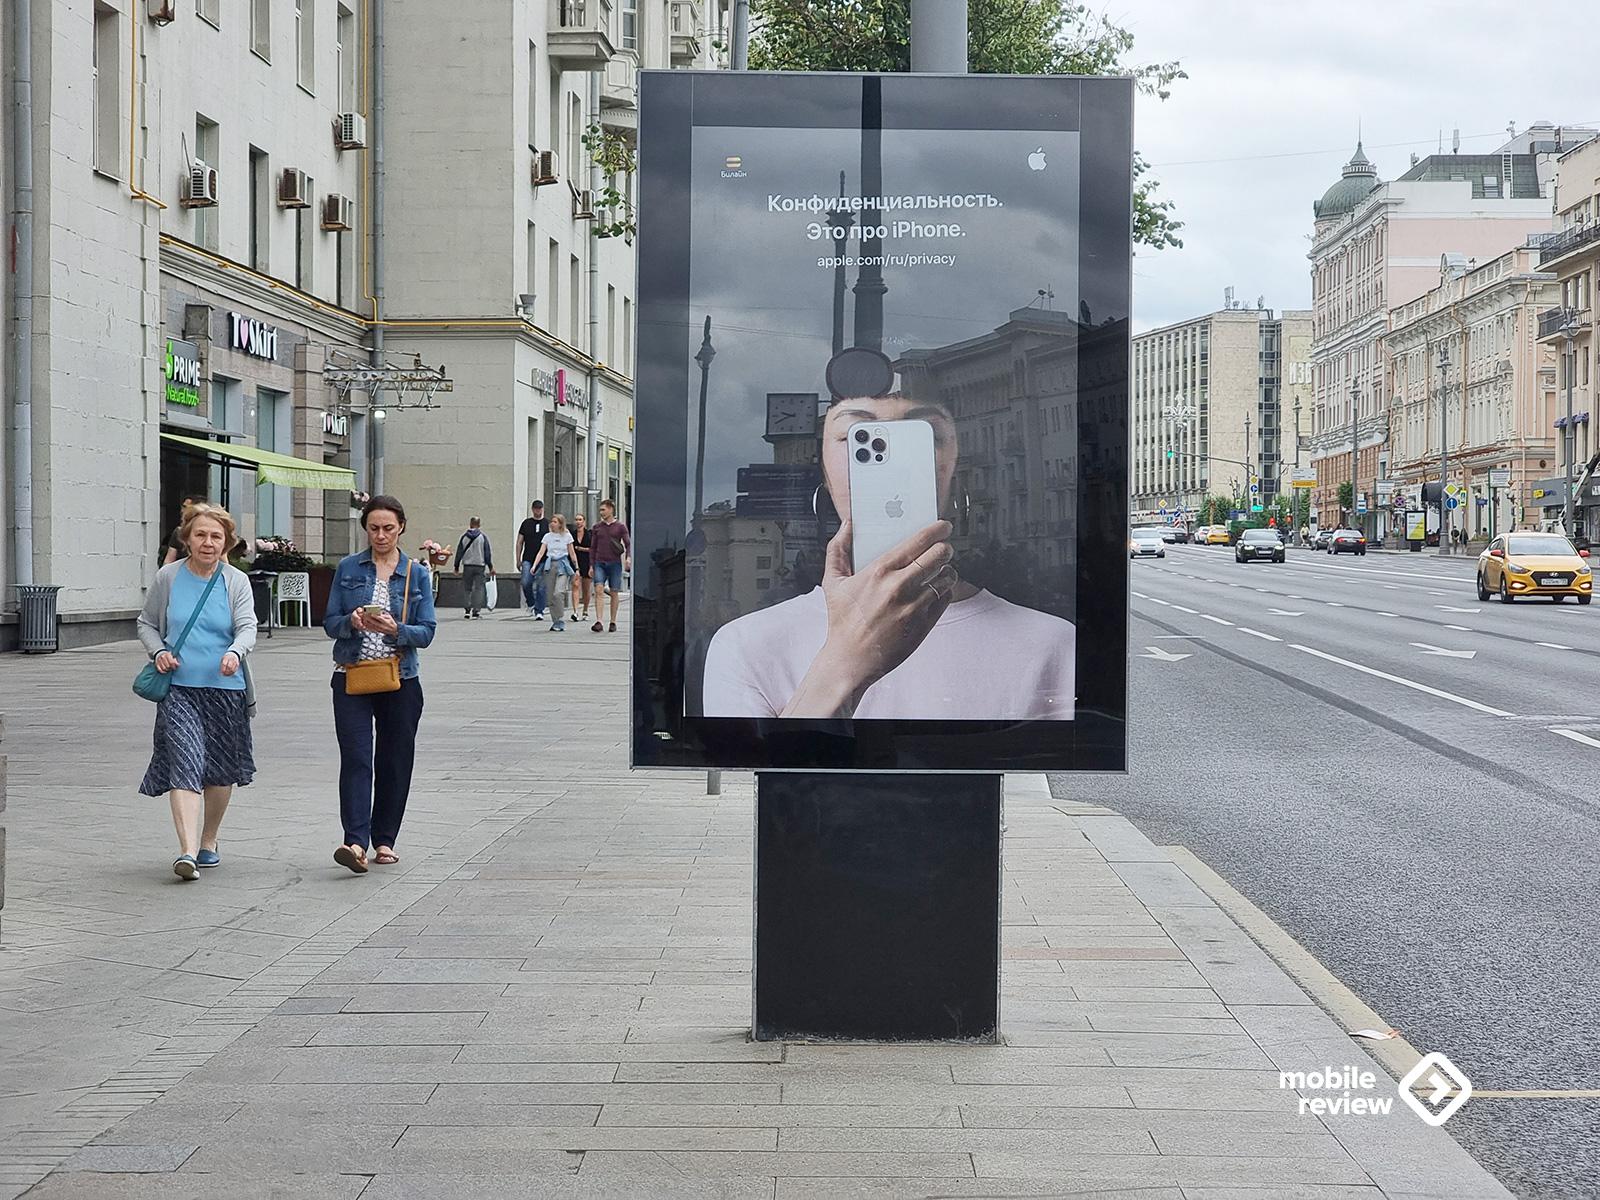 Смартфон как универсальное устройство для любого человека